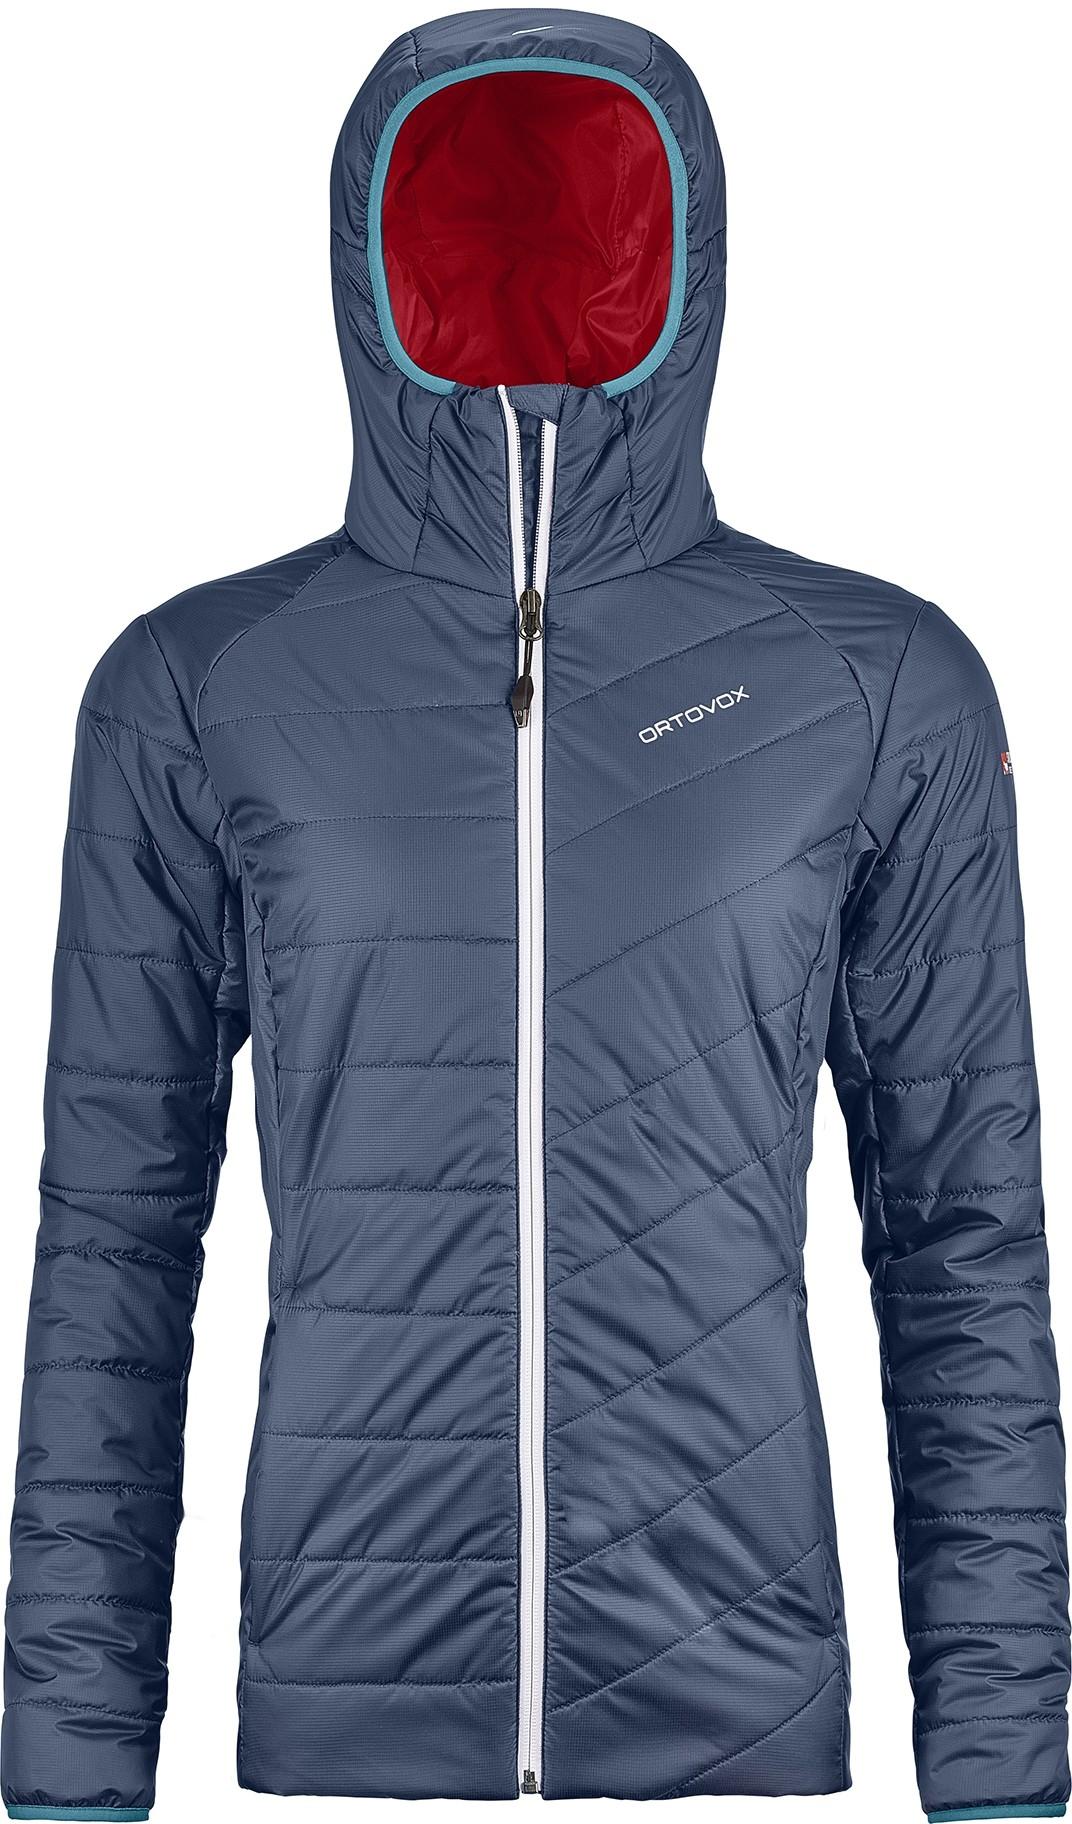 Ortovox Swisswool Piz Bernina Jacket, Ohne Versandkosten